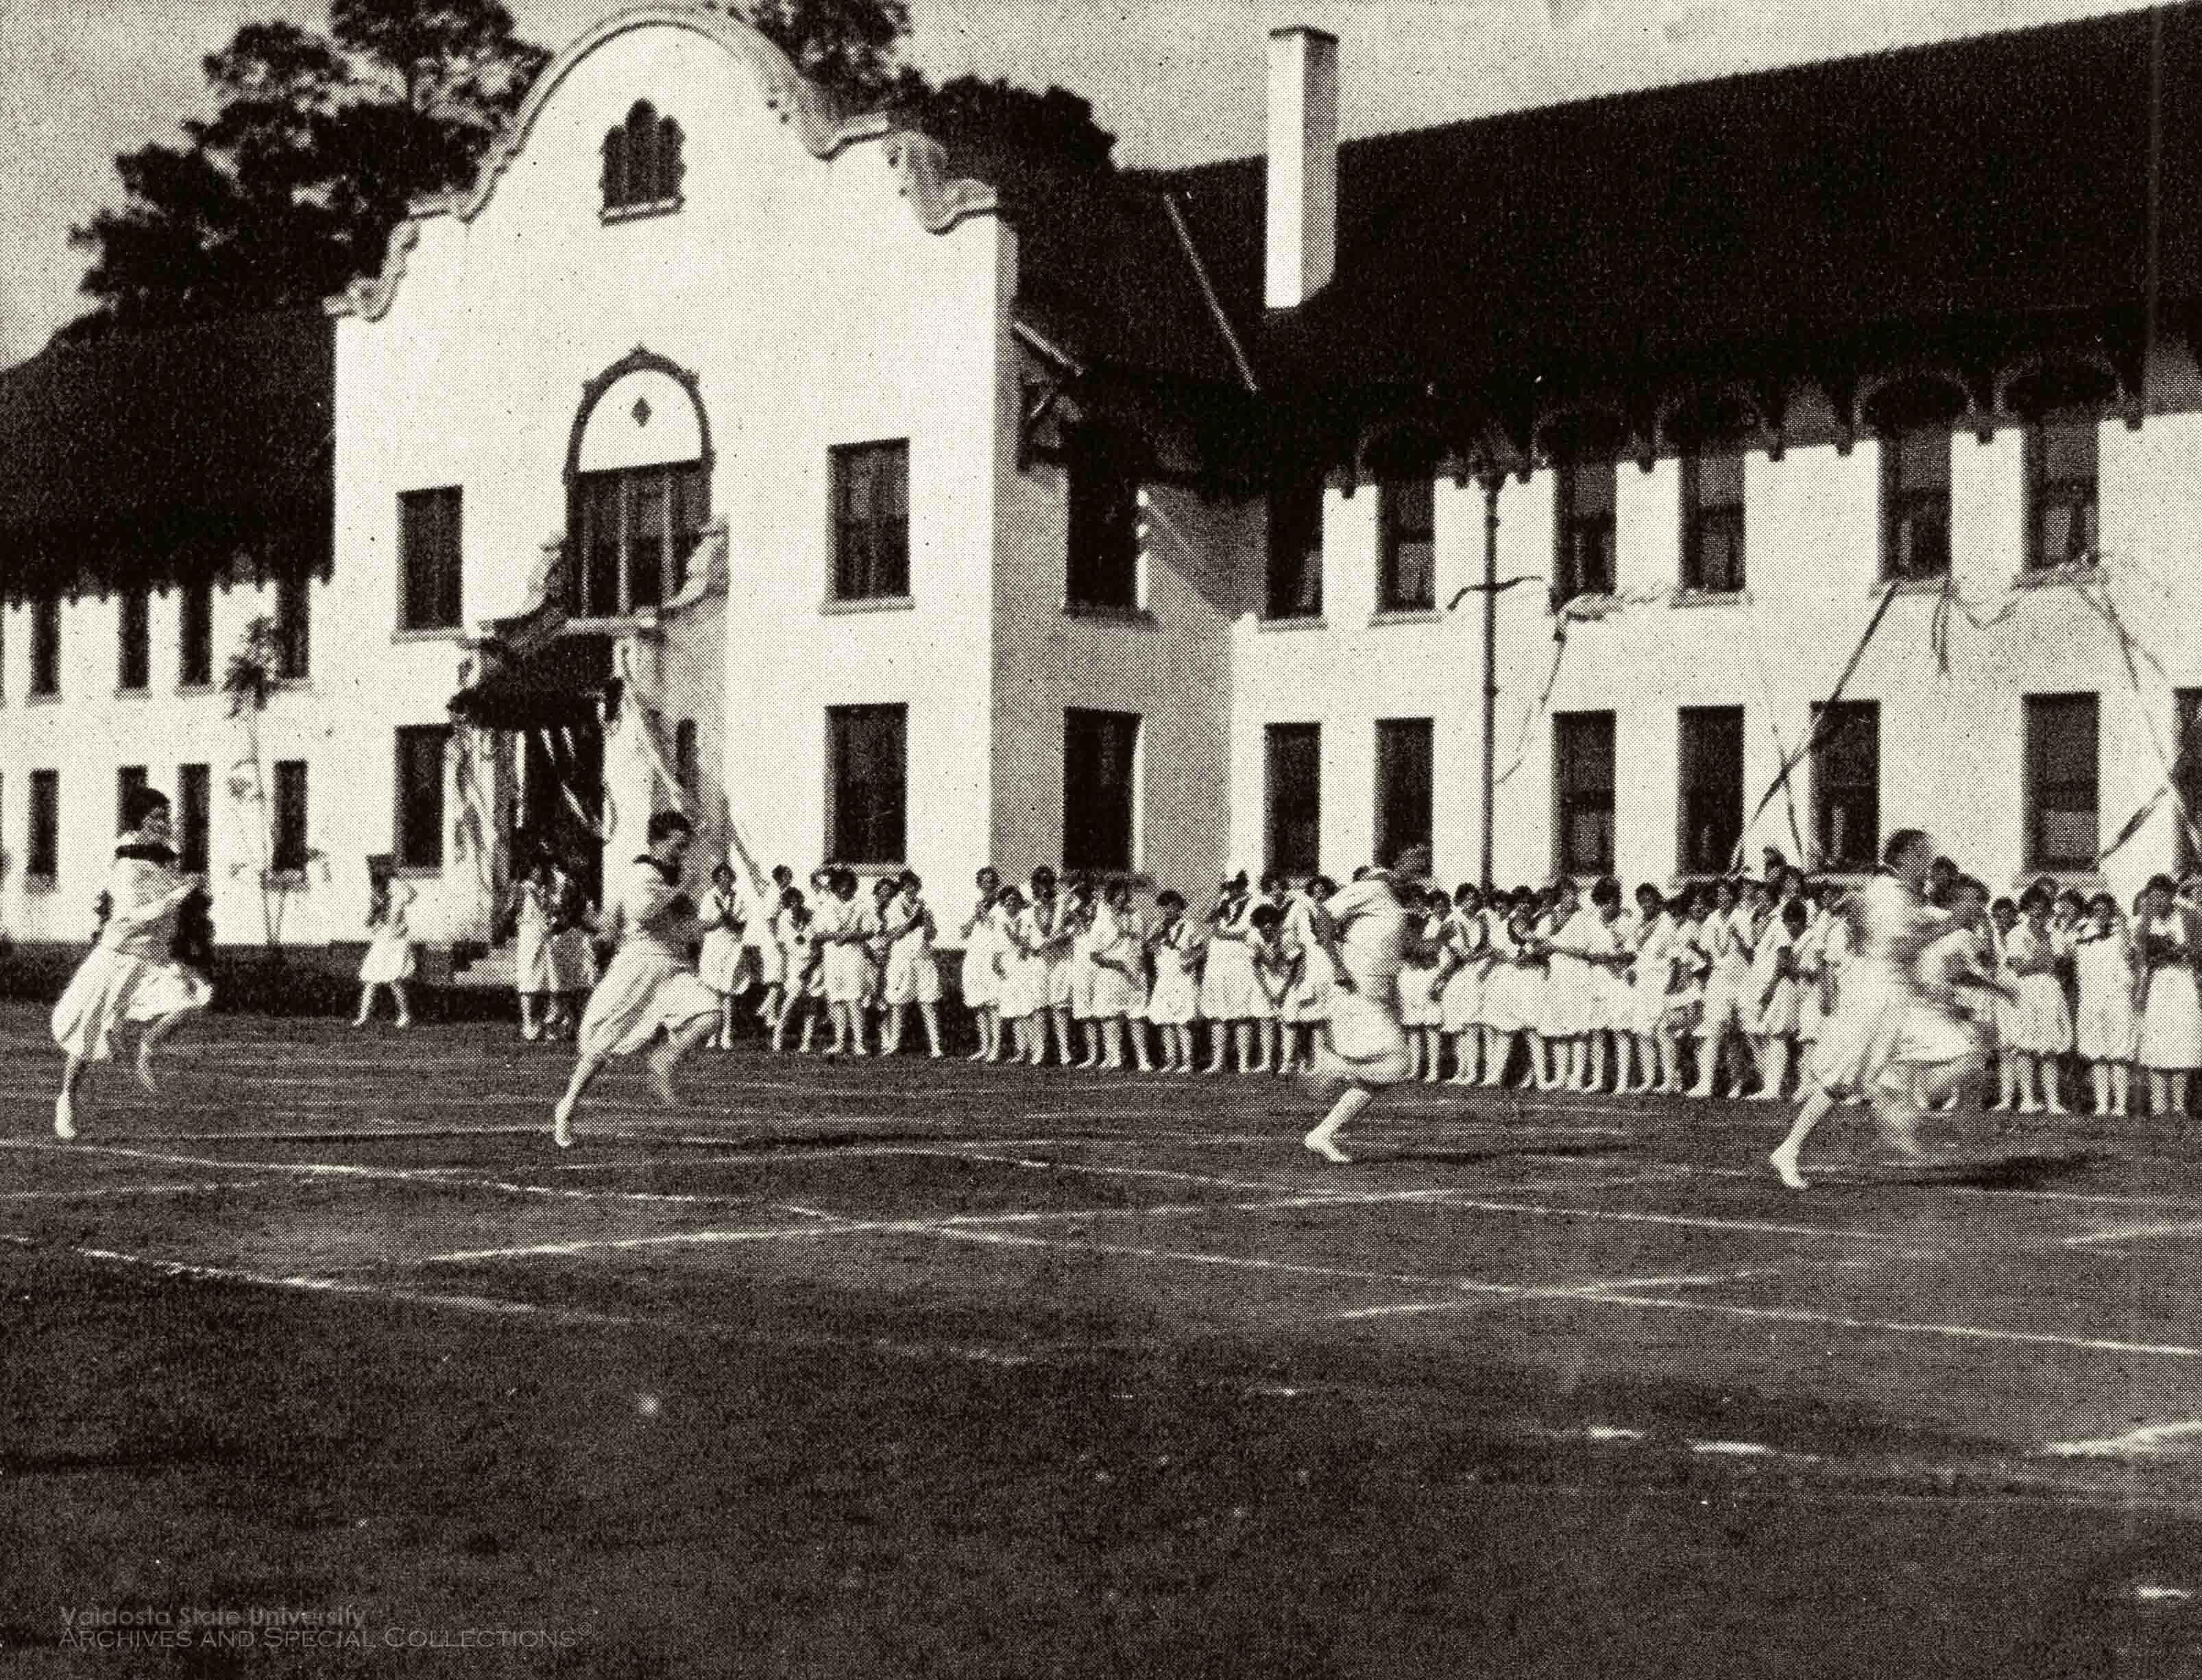 1928, Field Day